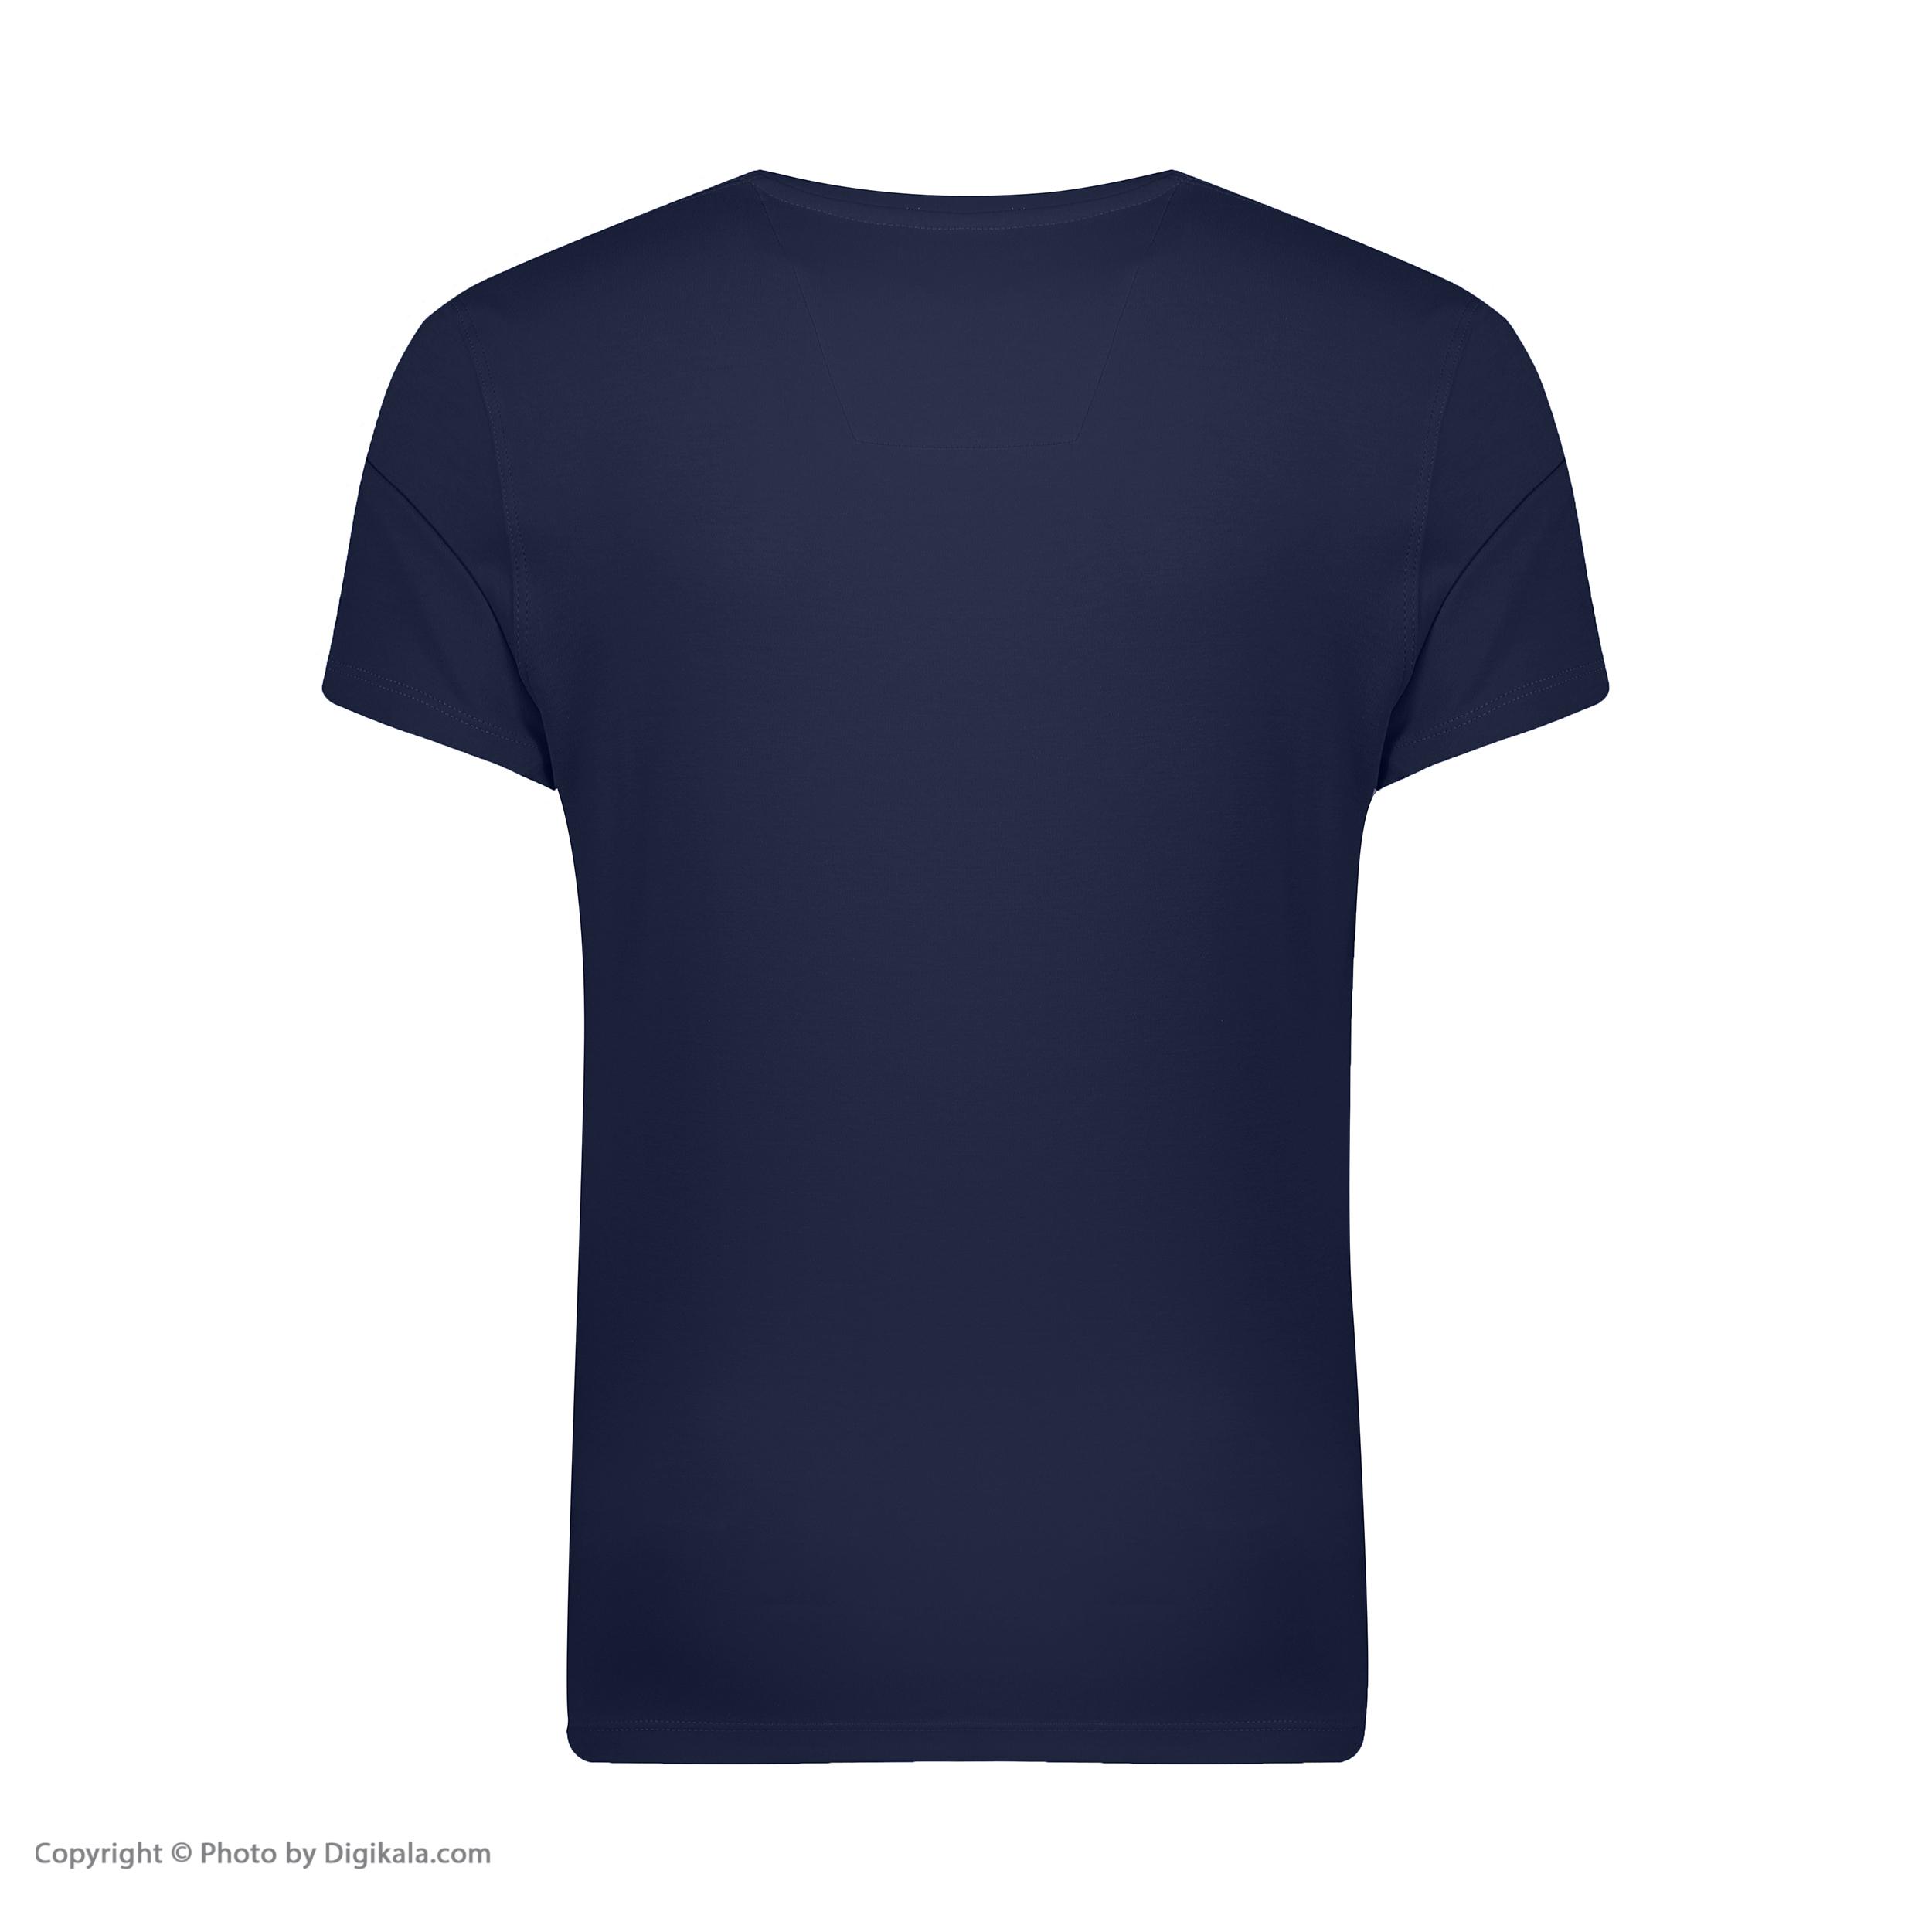 تیشرت آستین کوتاه مردانه برندس مدل 2289C02 -  - 4